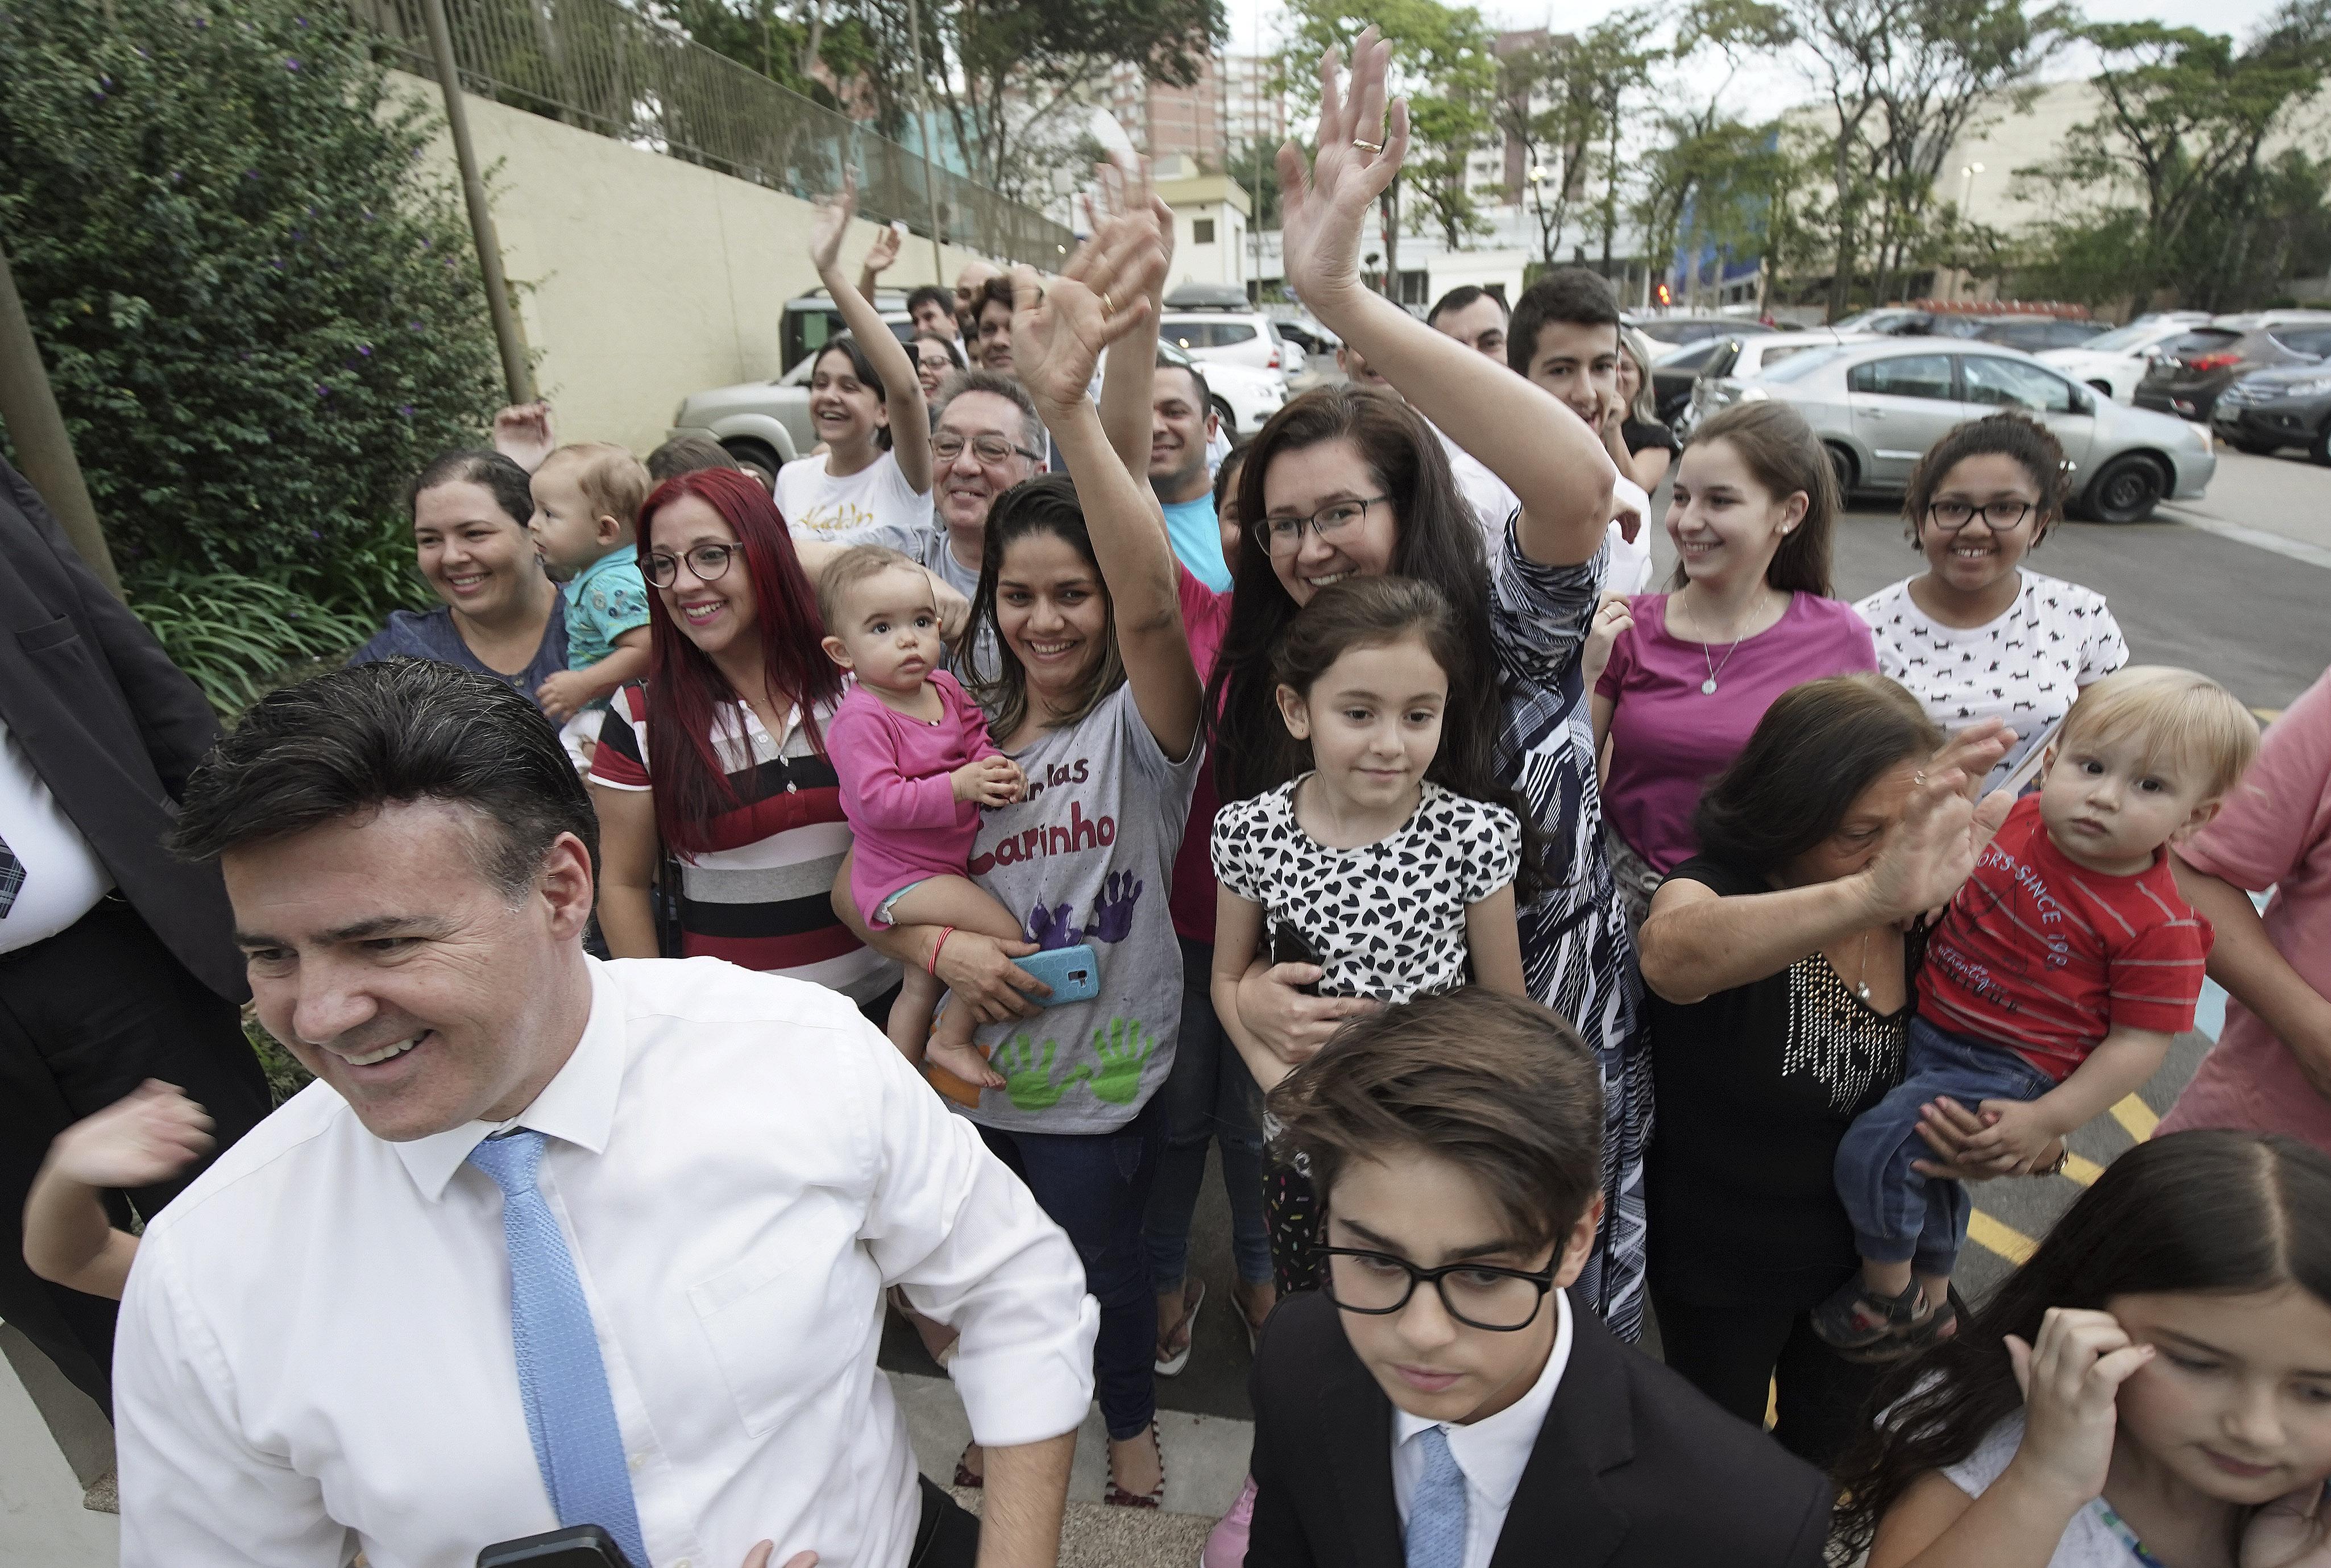 Pessoas do lado de fora do Centro de Visitantes do Templo de São Paulo acenam para o presidente Russell M. Nelson de A Igreja de Jesus Cristo dos Santos dos Últimos Dias em São Paulo, Brasil, em 31 de agosto de 2019.